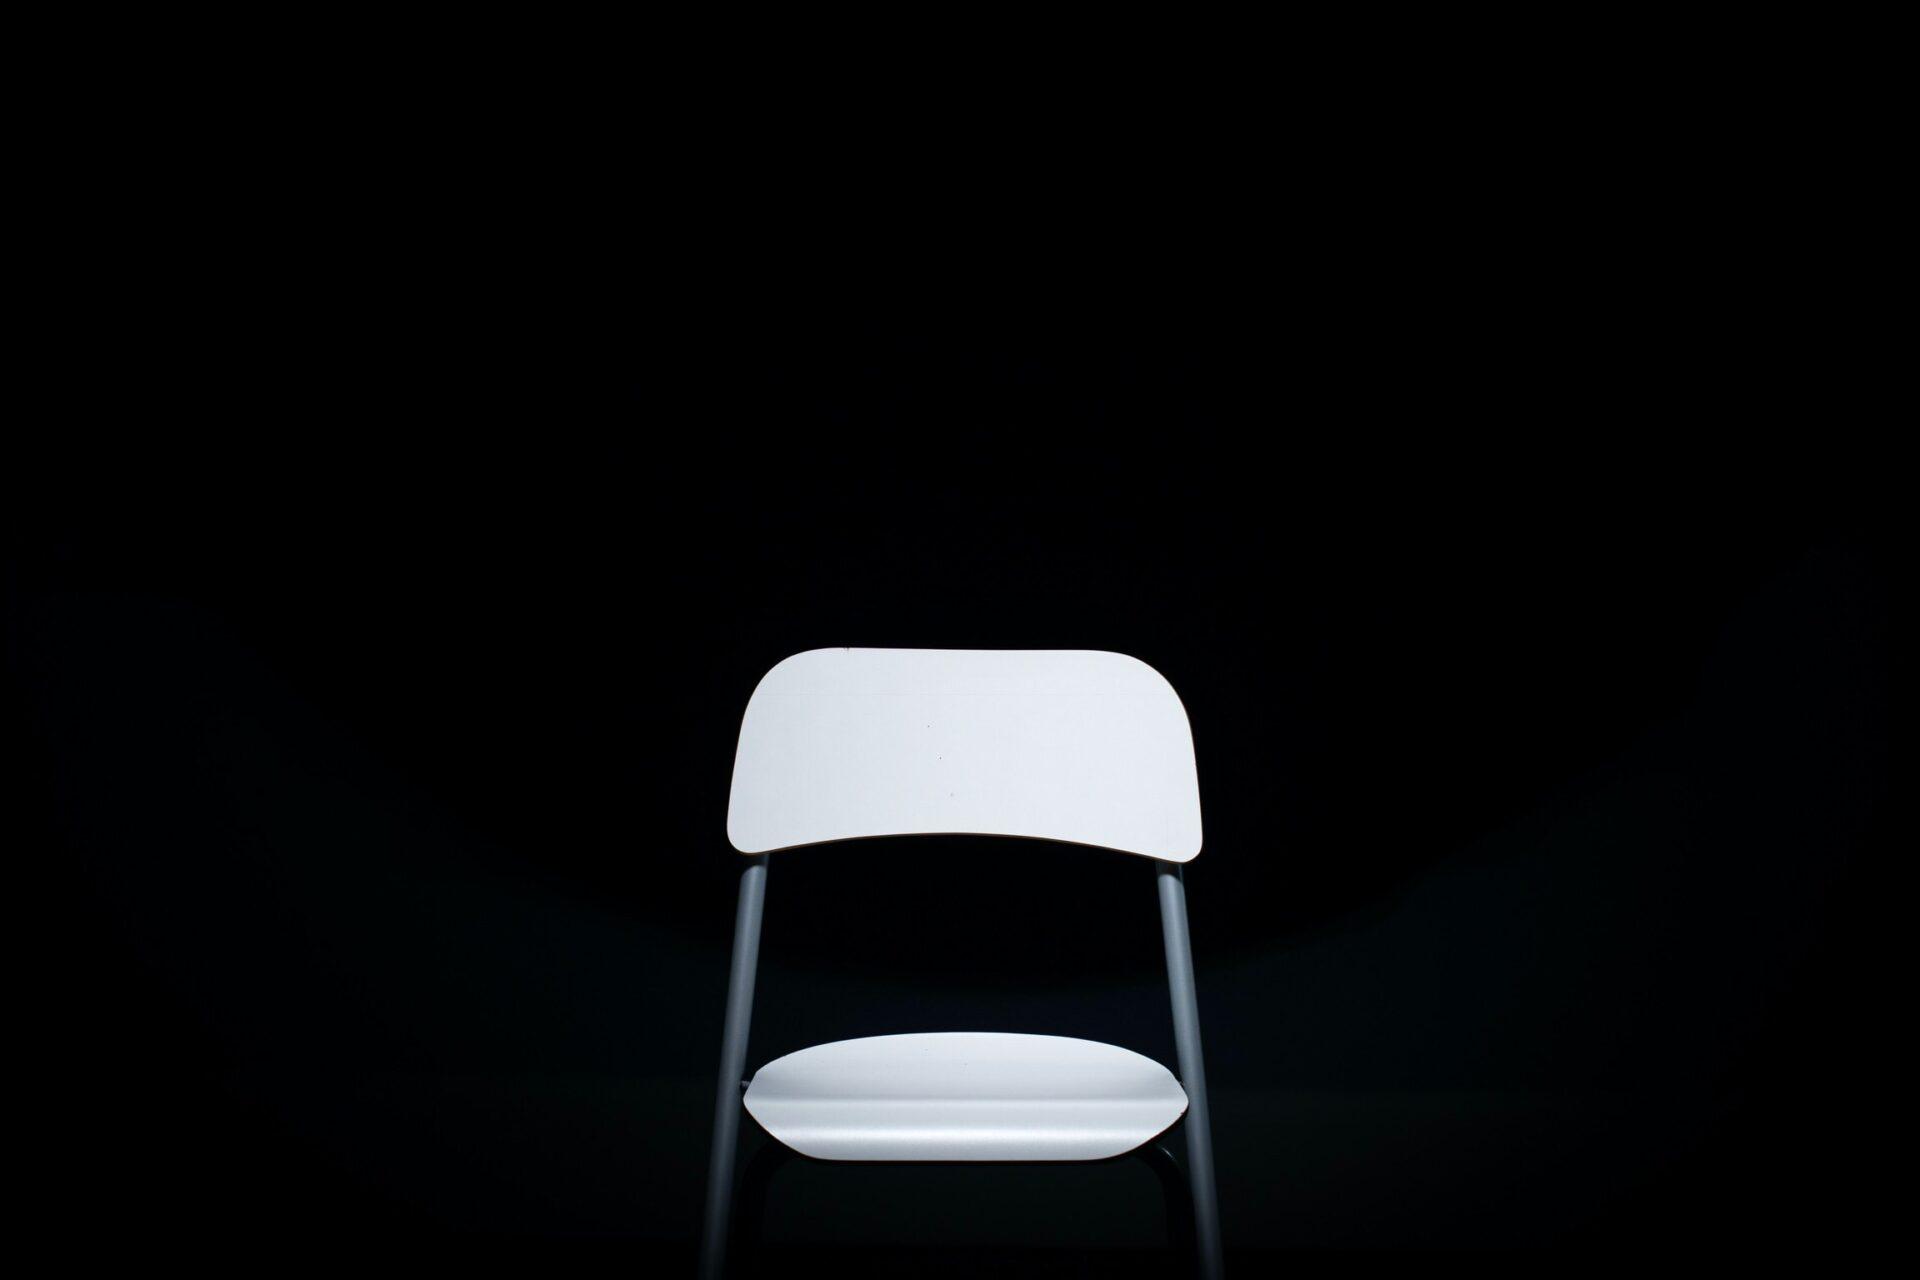 Tipps für ergonomisches Sitzen